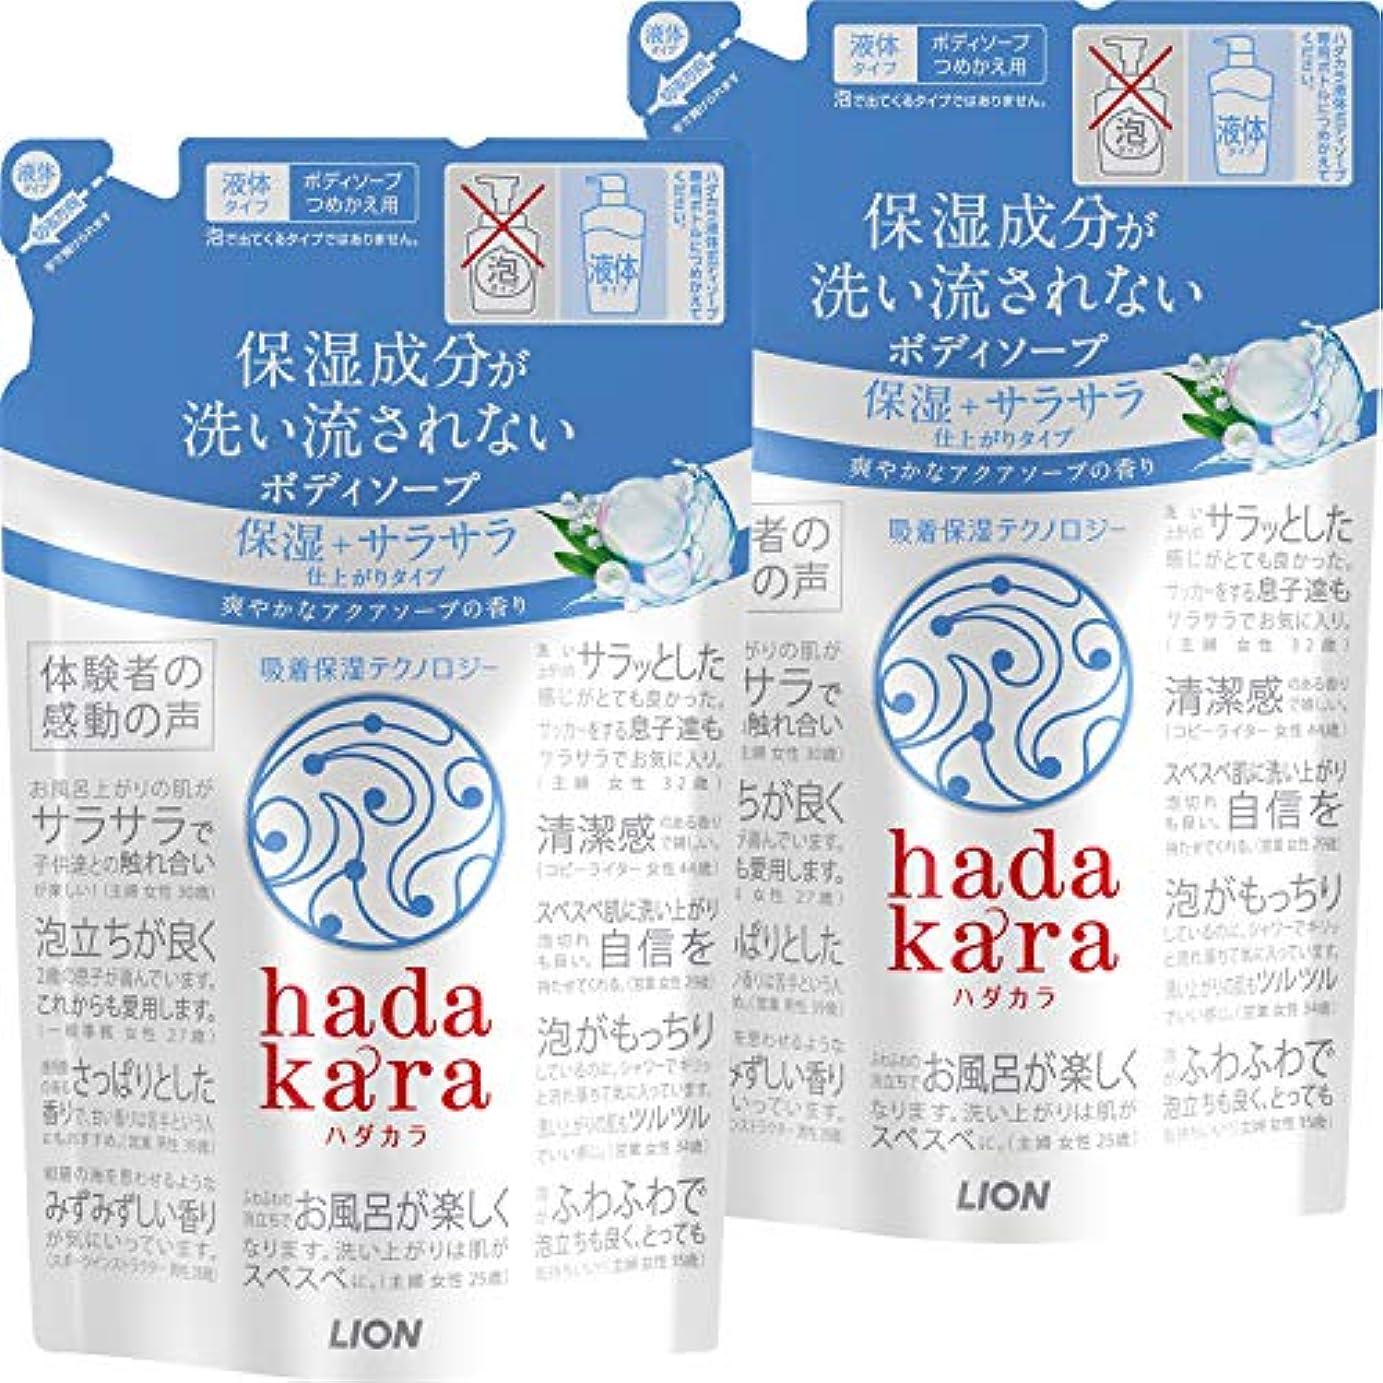 ミスペンド踊り子バナー【まとめ買い】hadakara(ハダカラ) ボディソープ 保湿+サラサラ仕上がりタイプ アクアソープの香り 詰め替え 340ml×2個パック